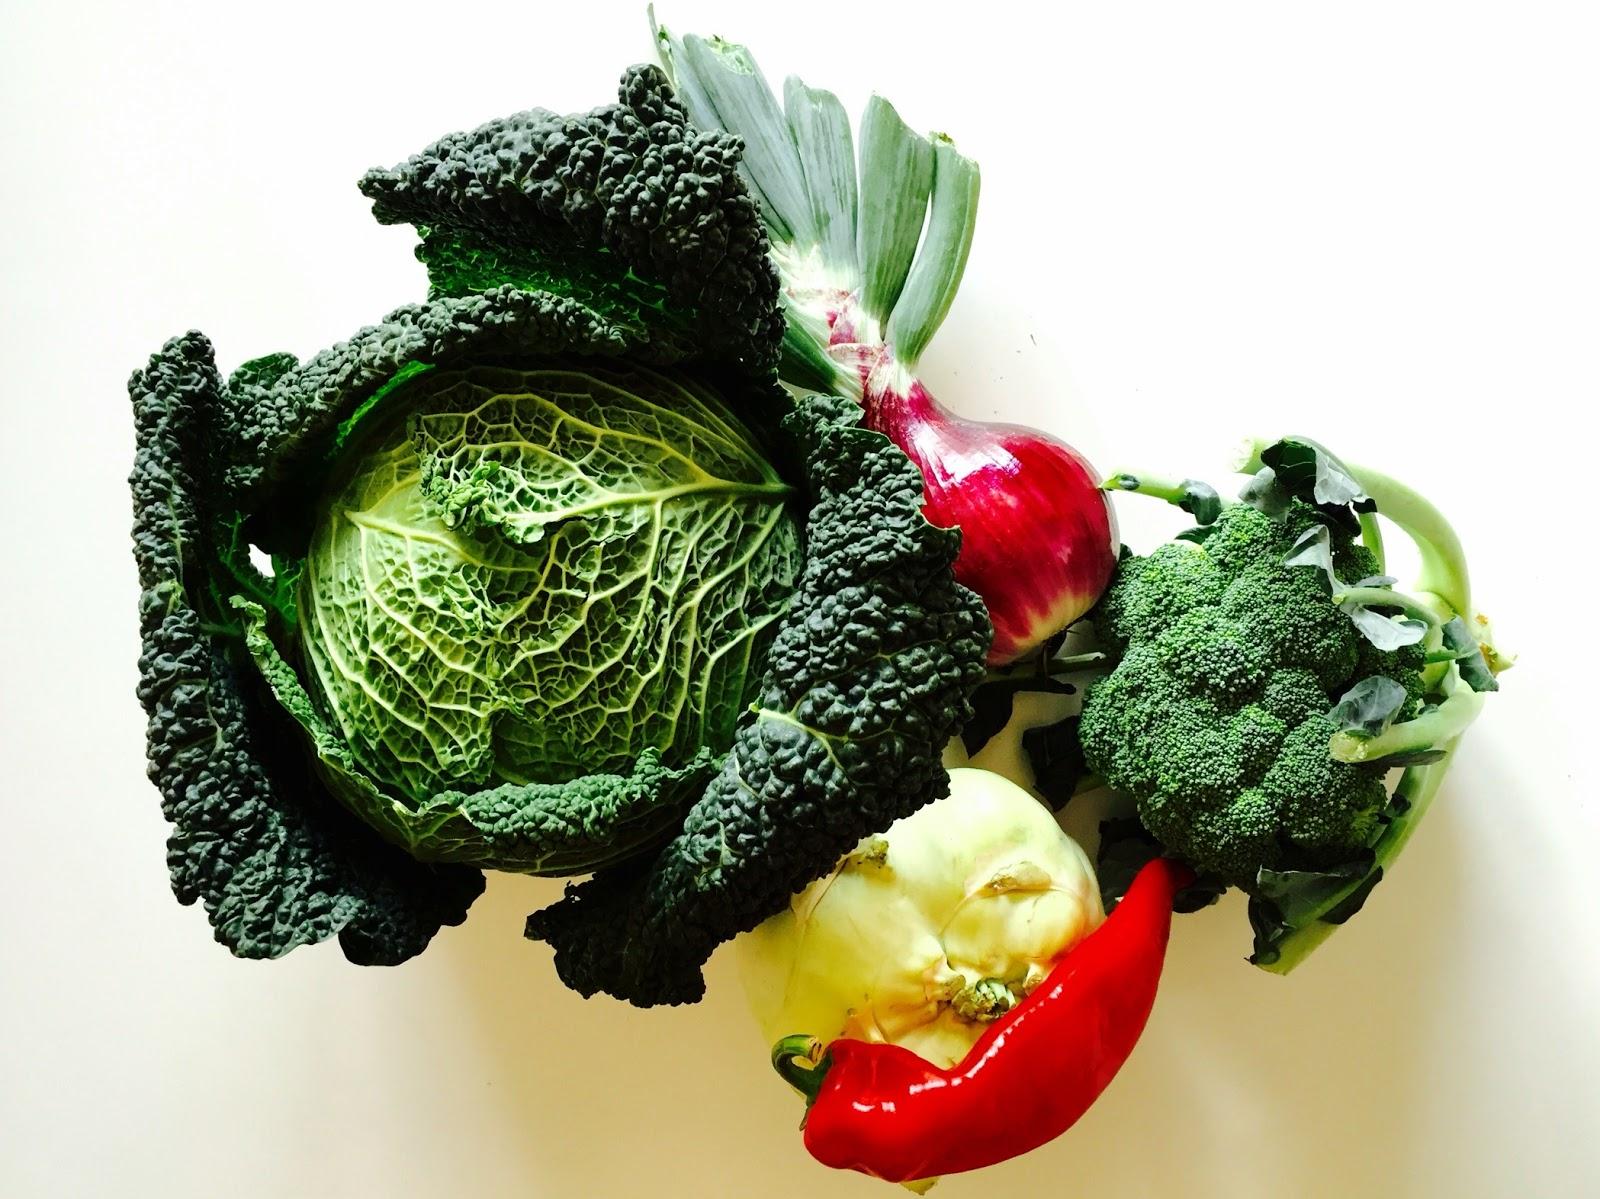 キャベツとブロッコリーと玉葱などの野菜